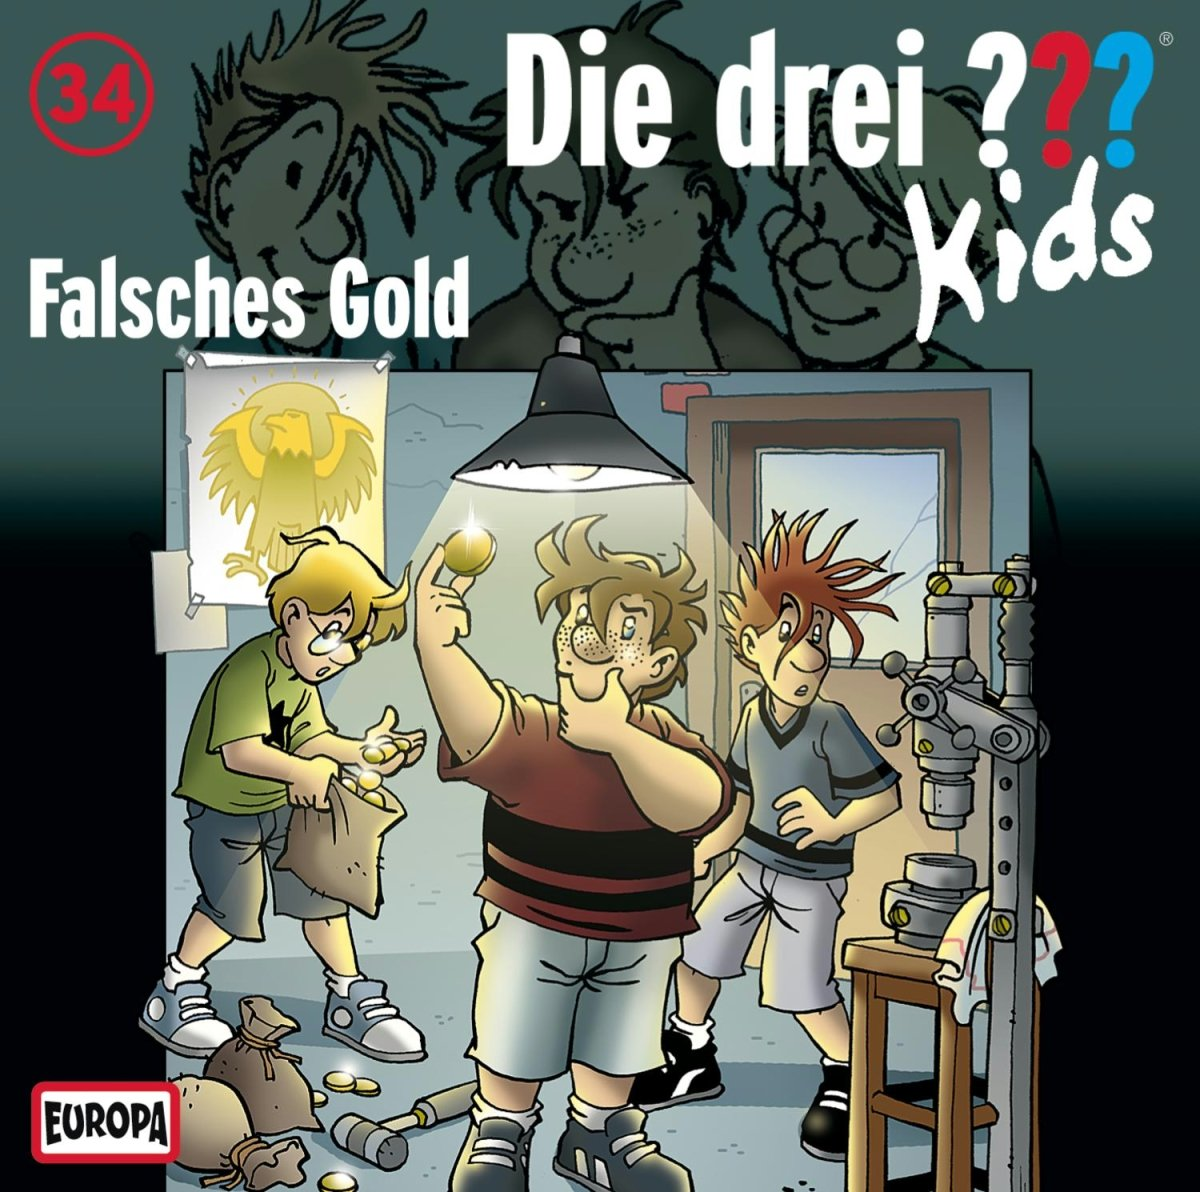 Die drei ??? Kids - Falsches Gold (Folge 34)